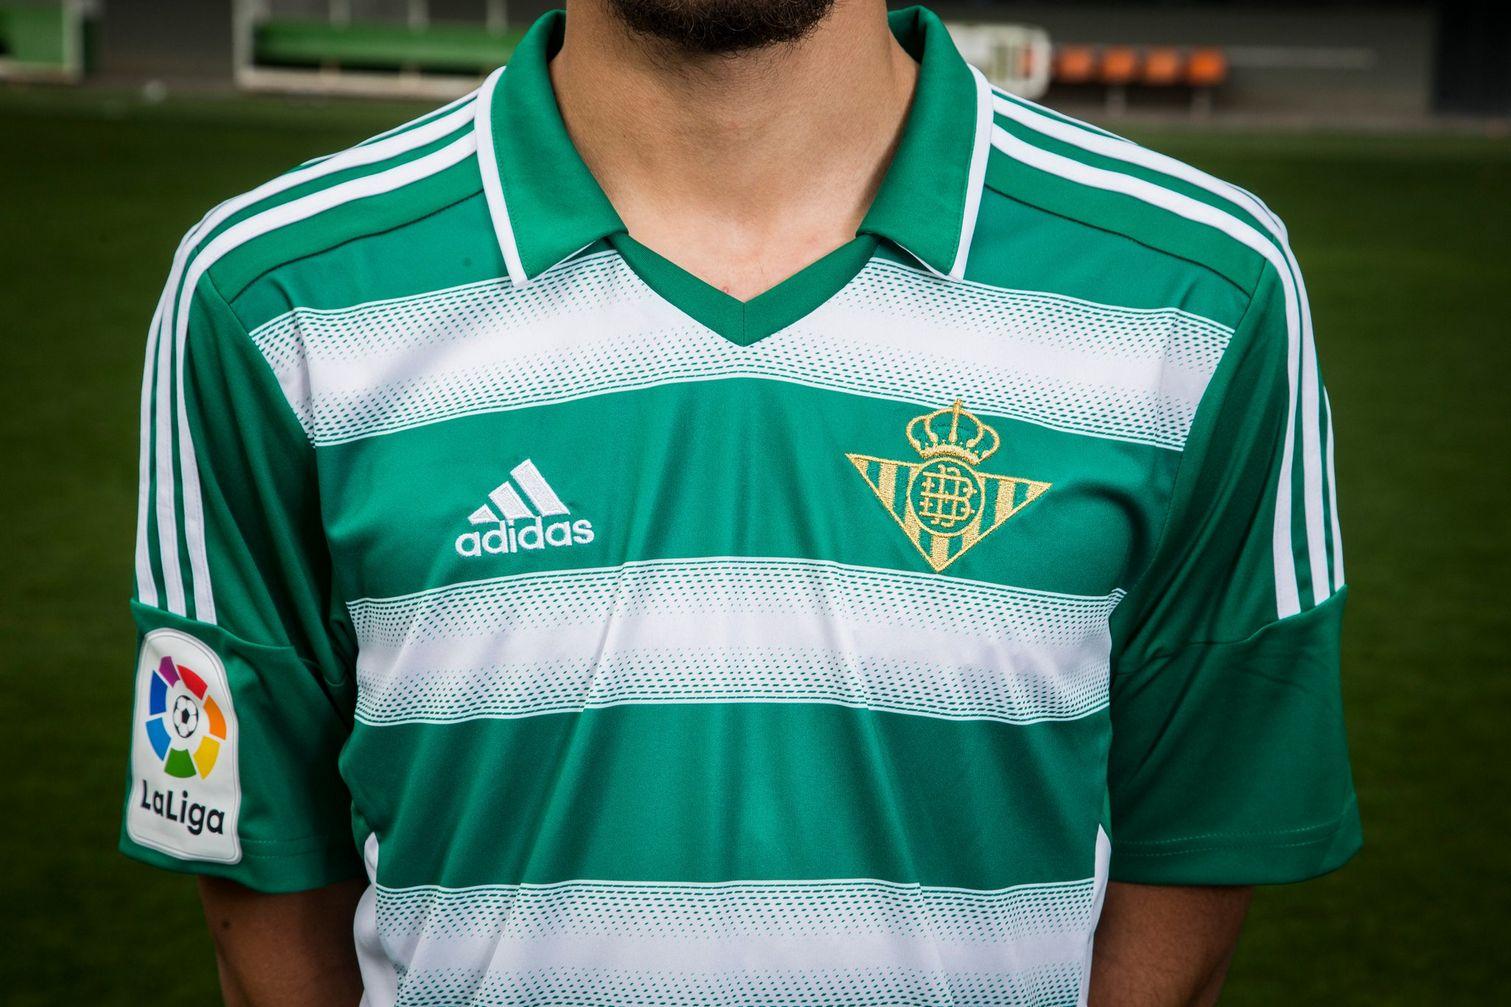 Camiseta especial del Betis | Foto Twitter Oficial